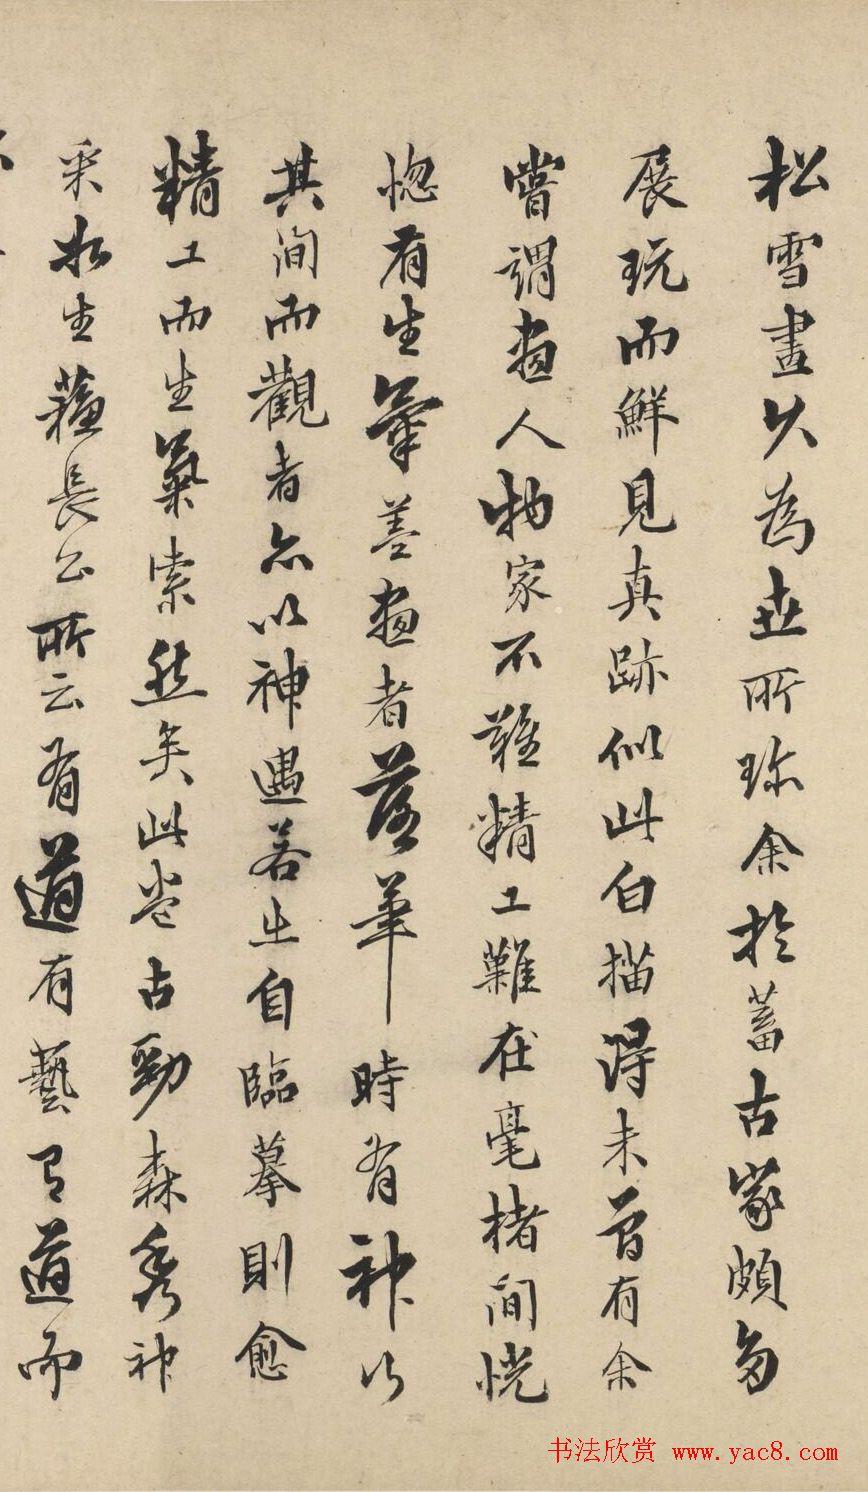 清代第一状元吕宫书法谨跋